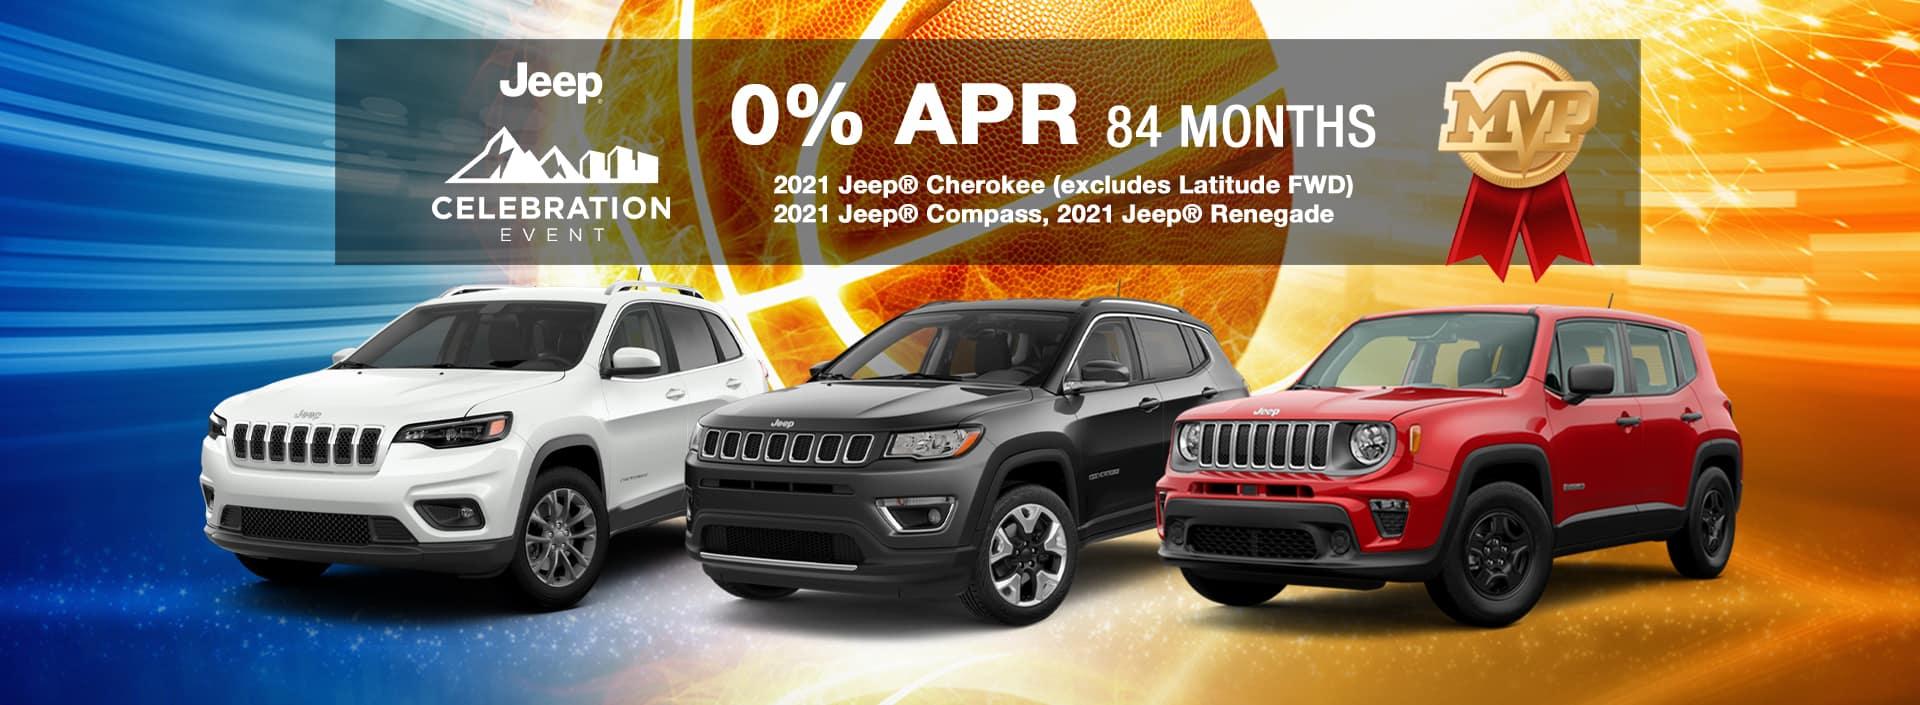 parks-jeep-celebration